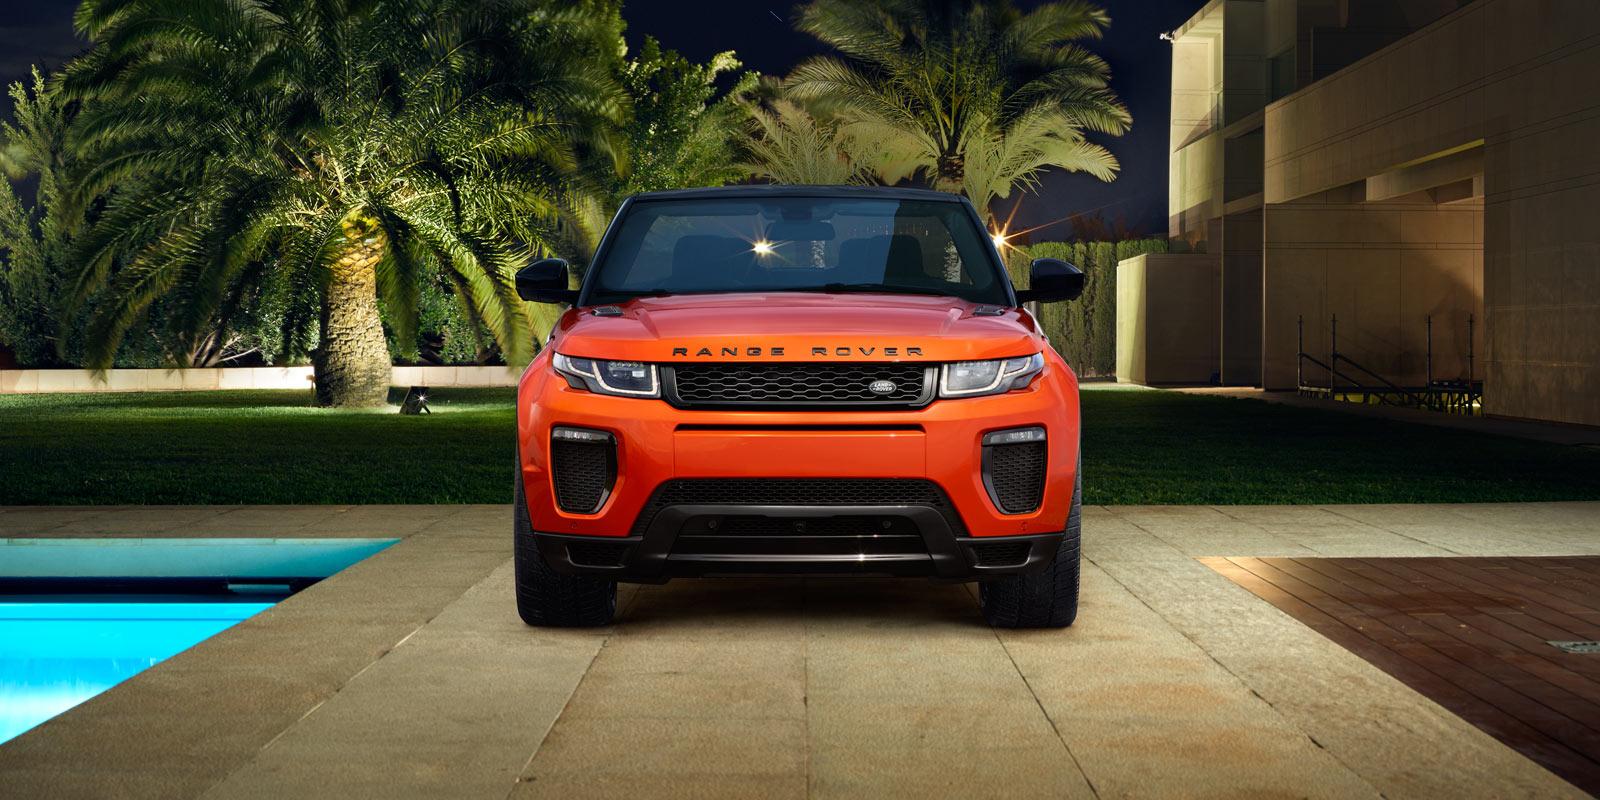 range rover evoque màu cam nổi bật phiên bản mui mềm